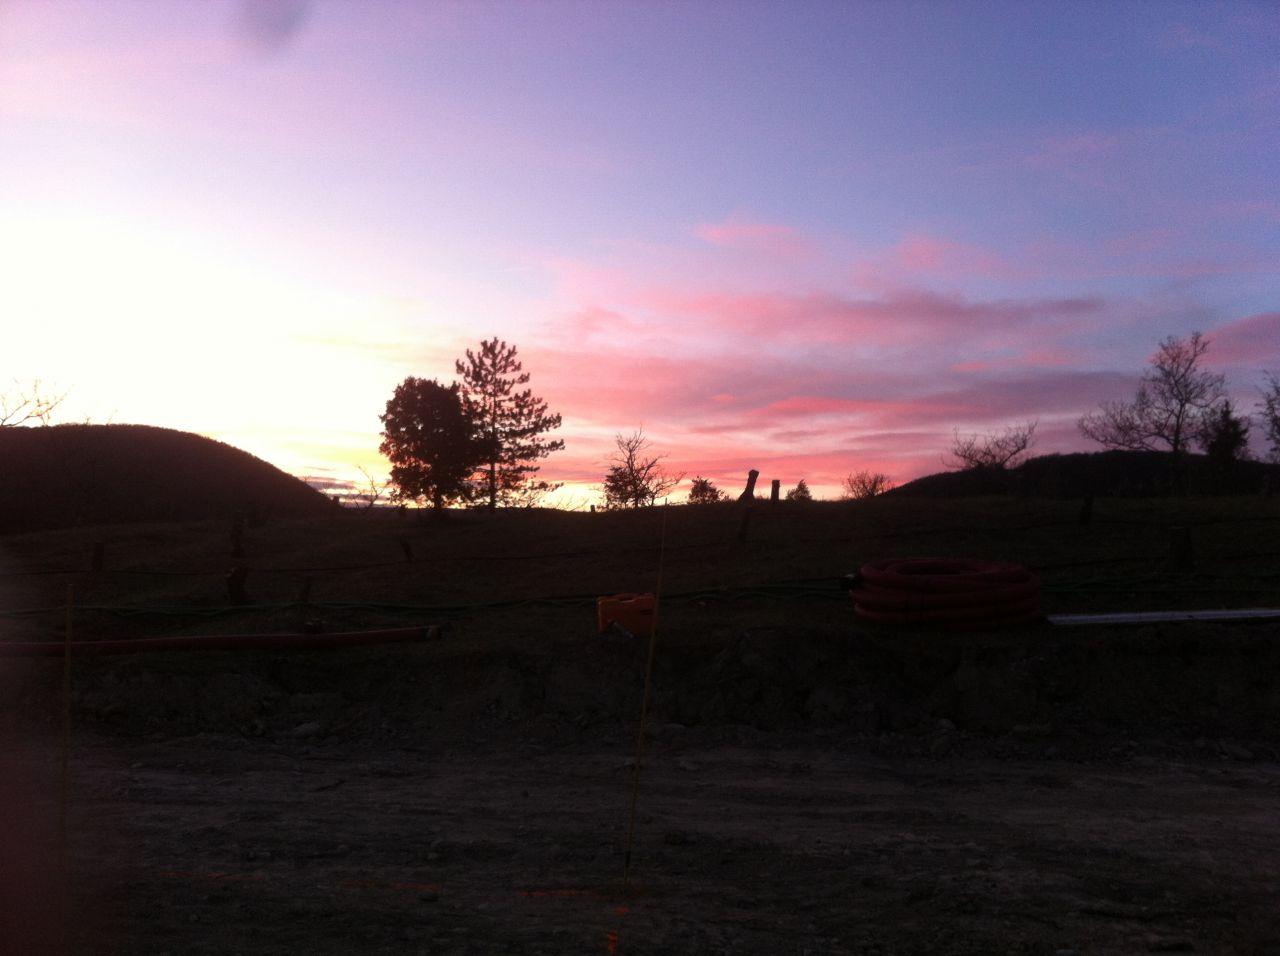 Joli coucher de soleil pour terminer ce week-end productif